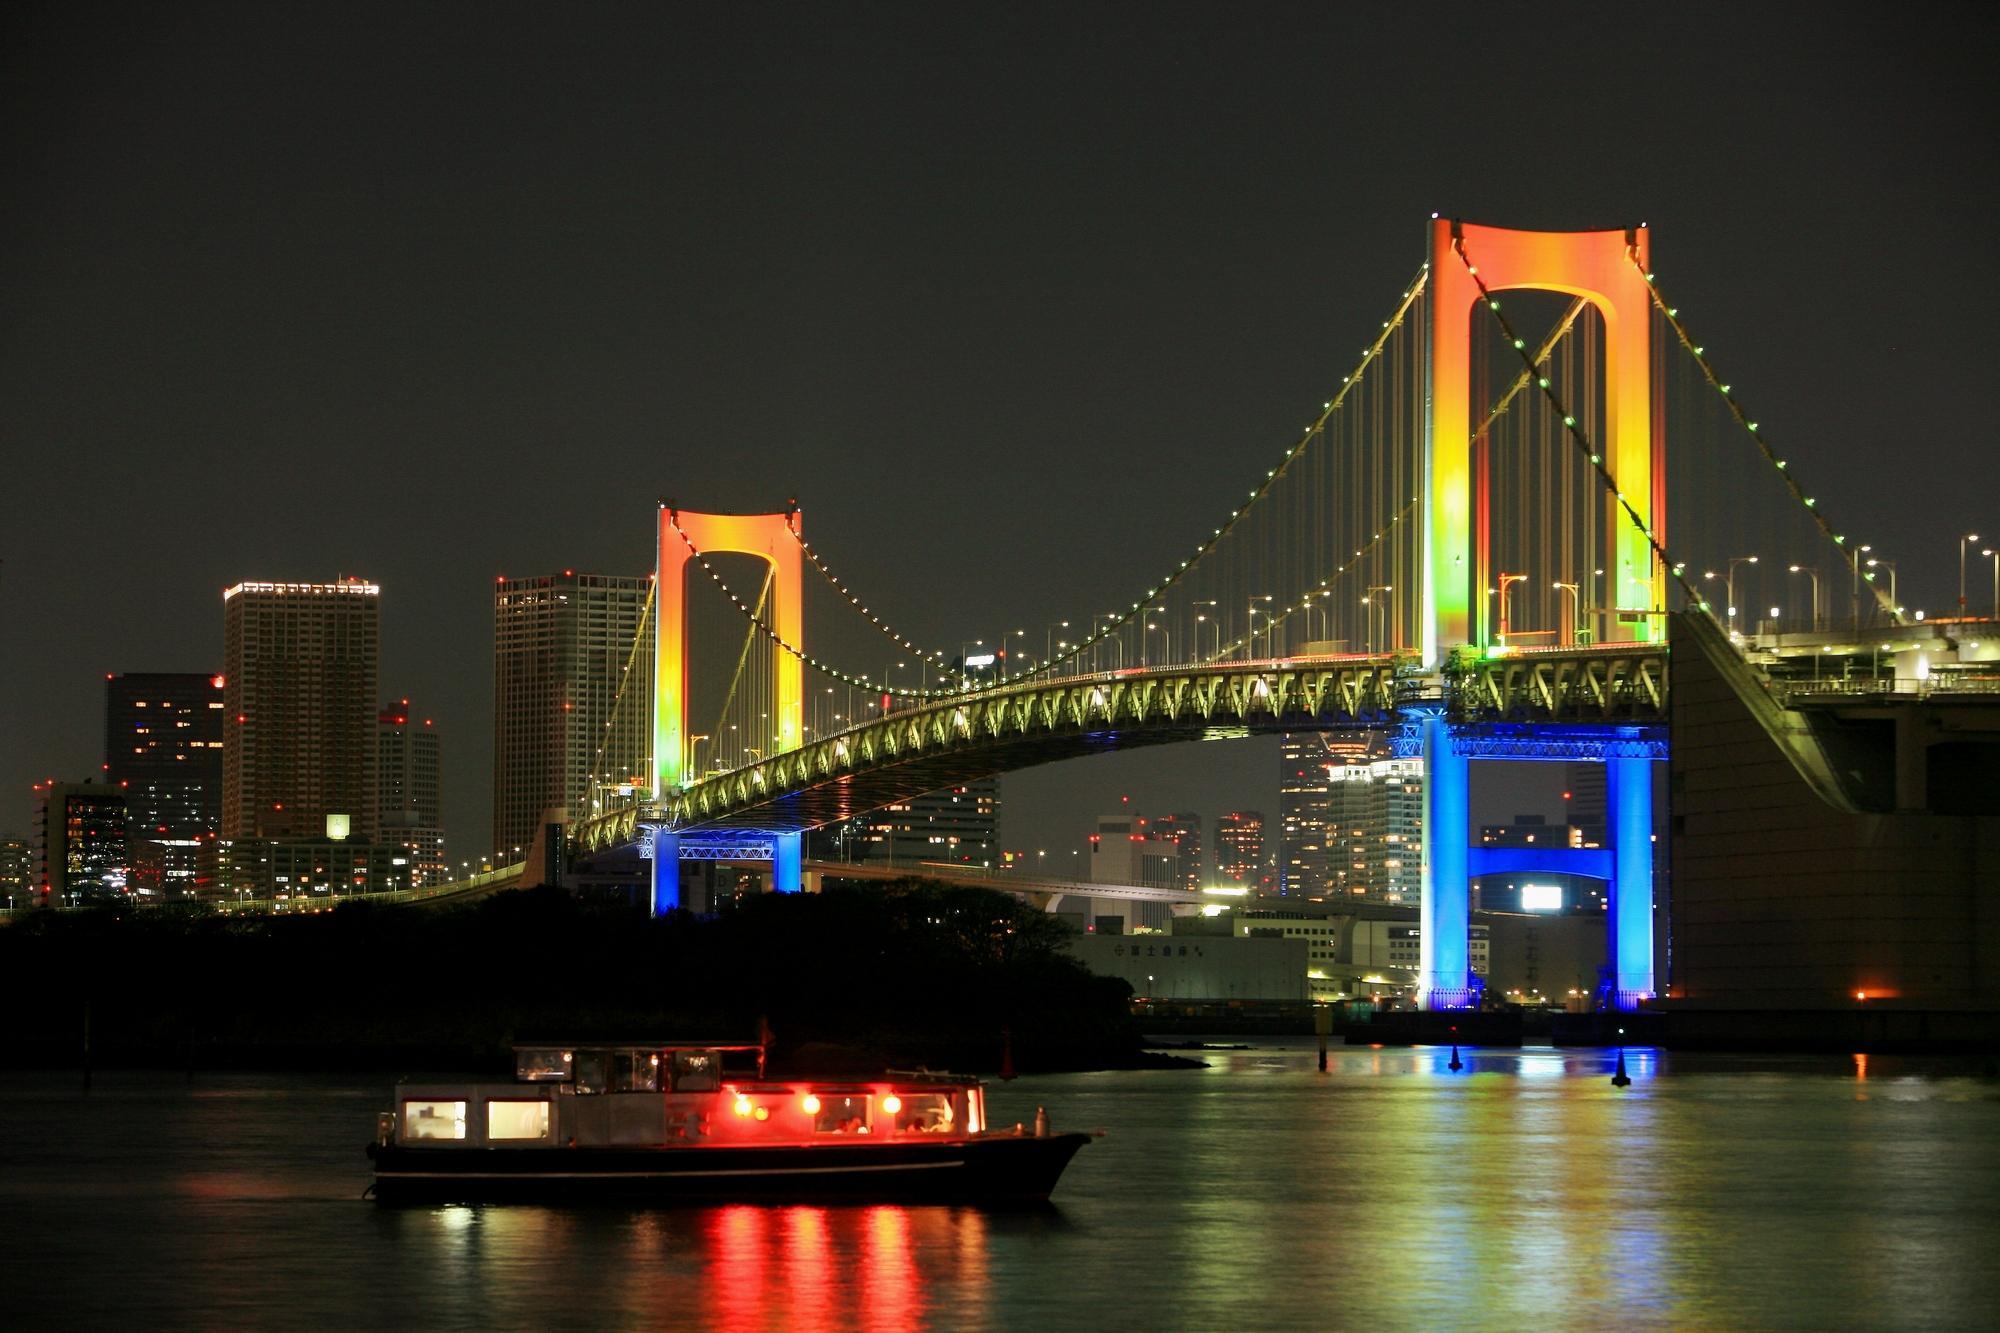 蒲田/大森/大井町_株式会社屋形船ドットコム_写真5